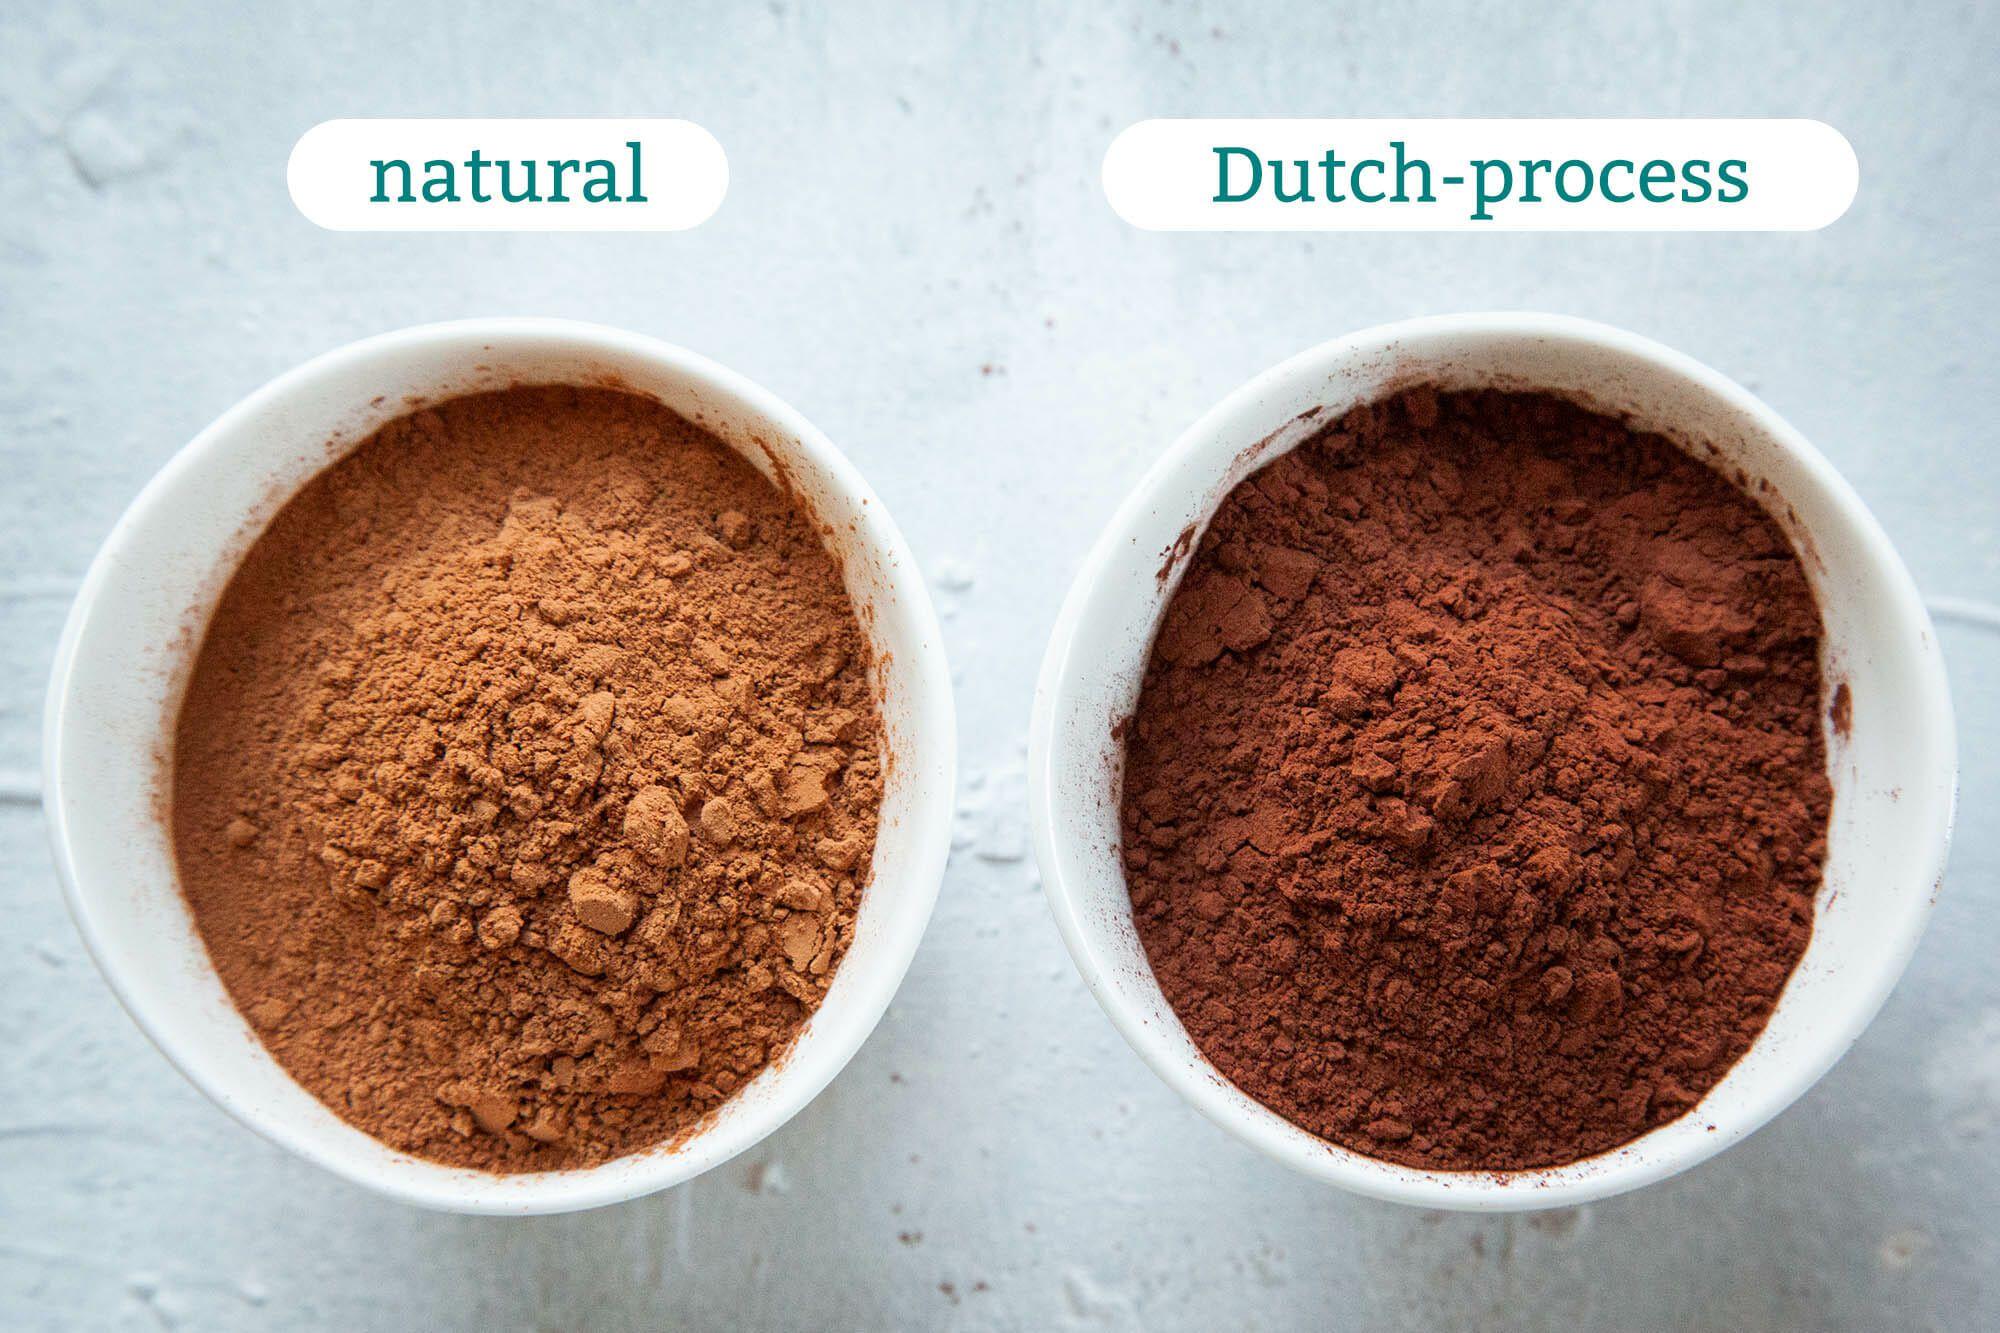 فروش پودر کاکائو آلتین مارکا Altinmarka cocoa powder